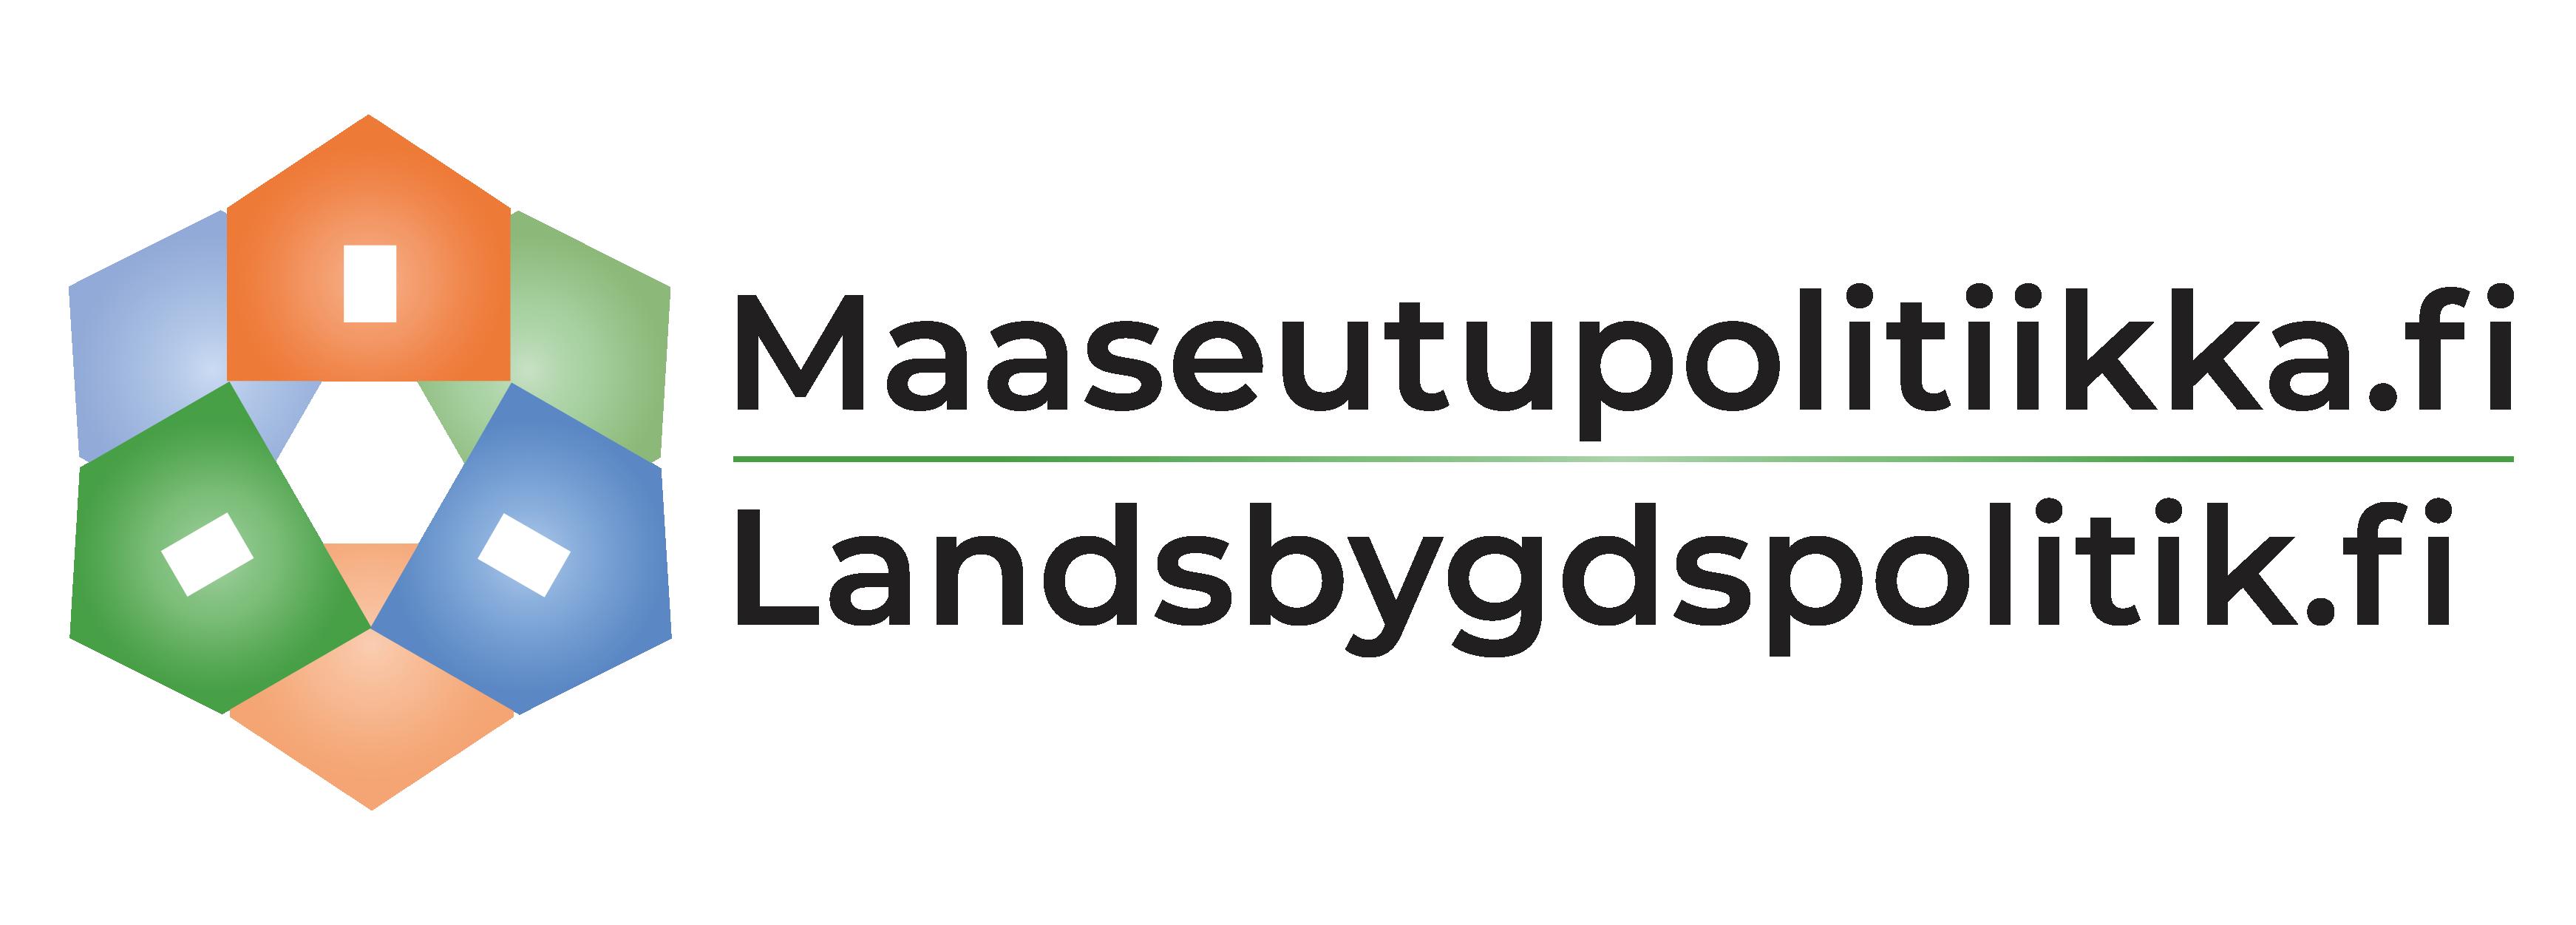 På svenska (Maaseutupolitiikka)